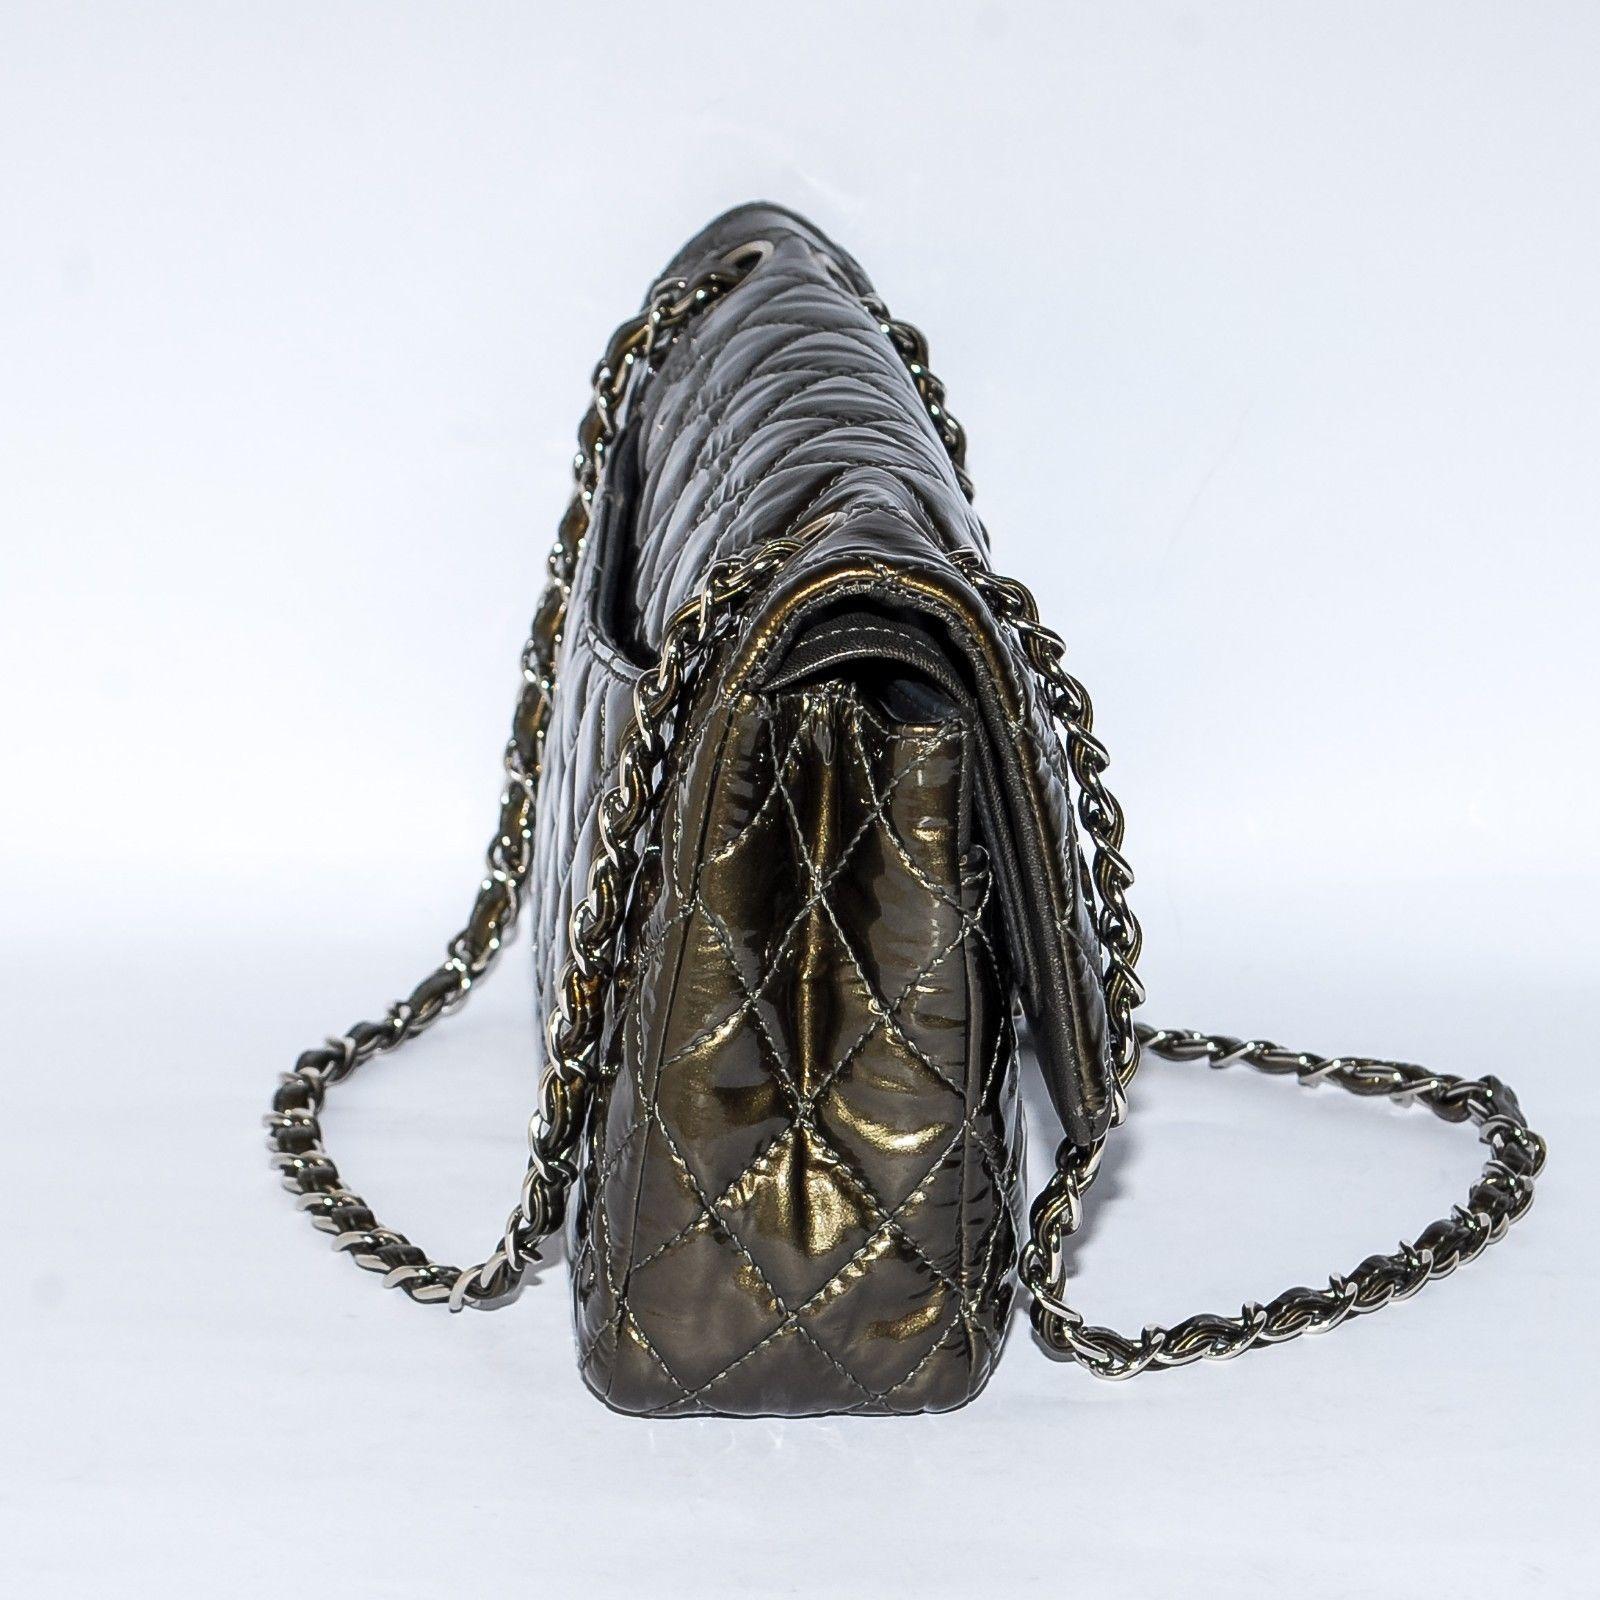 3e4063efc323 CHANEL 2.55 Khaki Double Flap Quilted Patent Leather Handbag Chain Shoulder  Bag